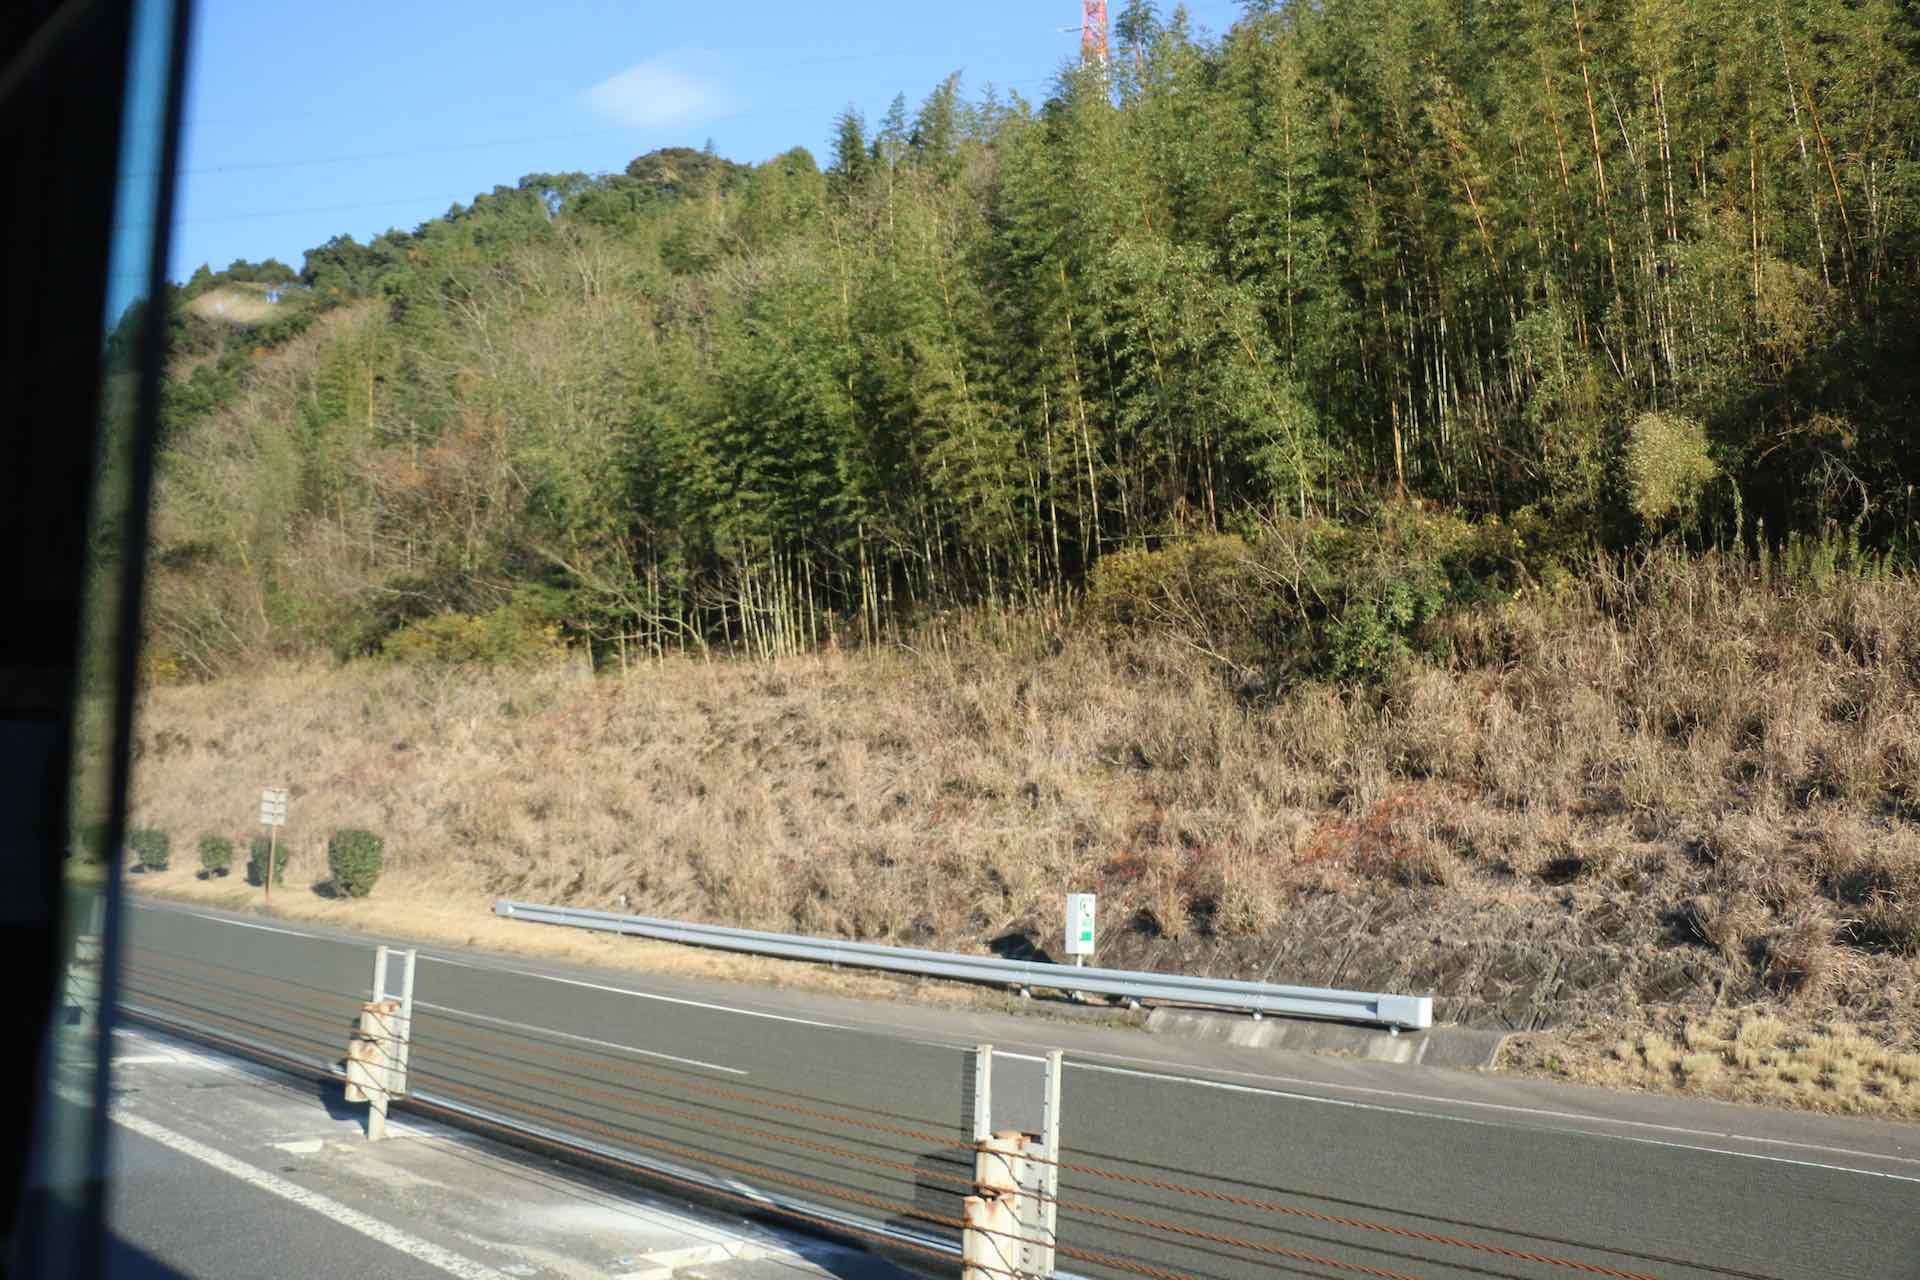 高速道路わきの竹林